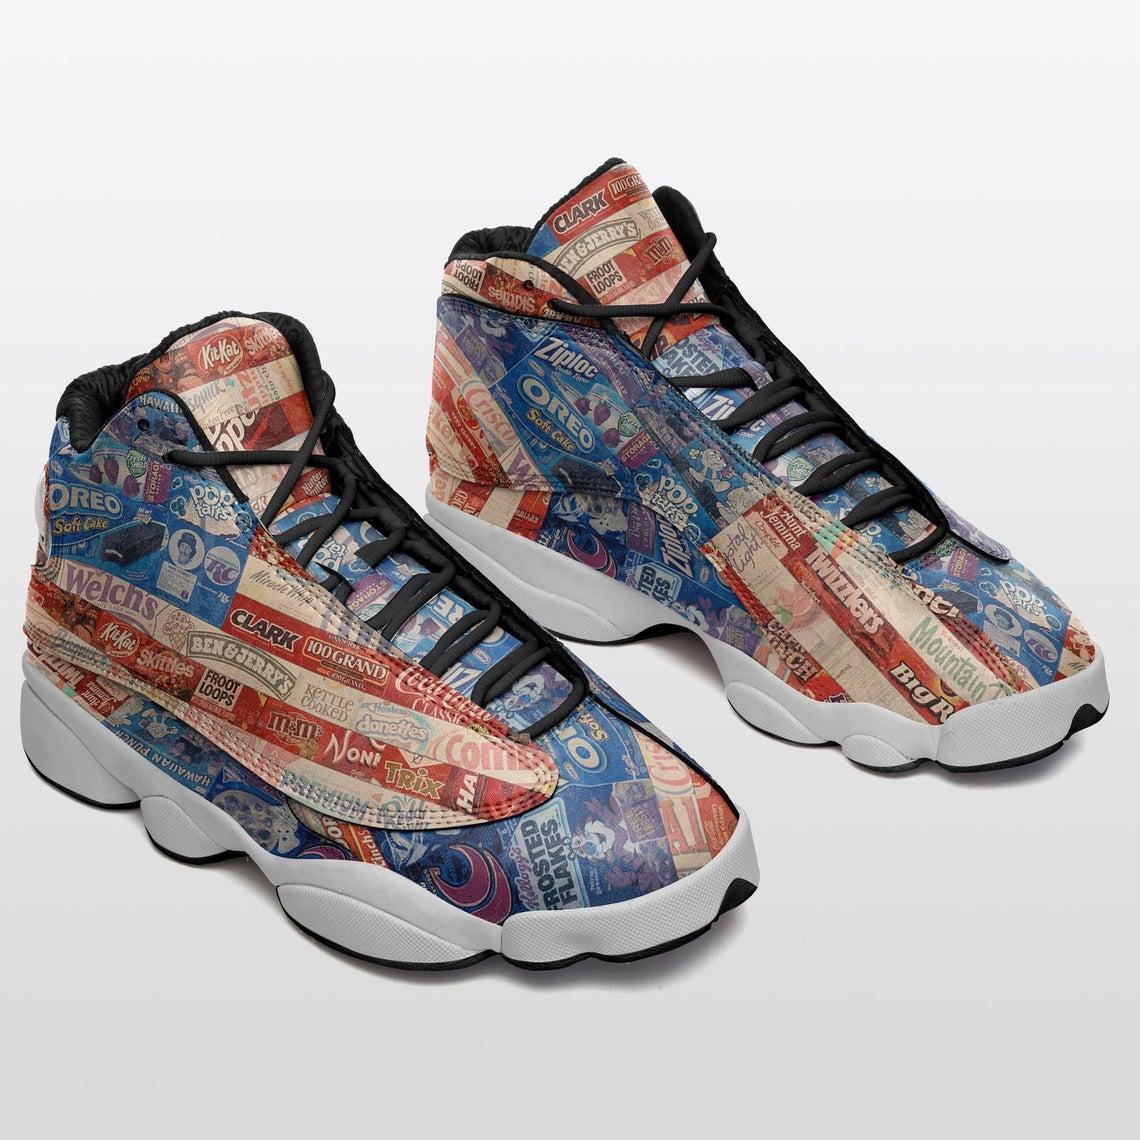 American Vintage Sku 31 Air Jordan Shoes